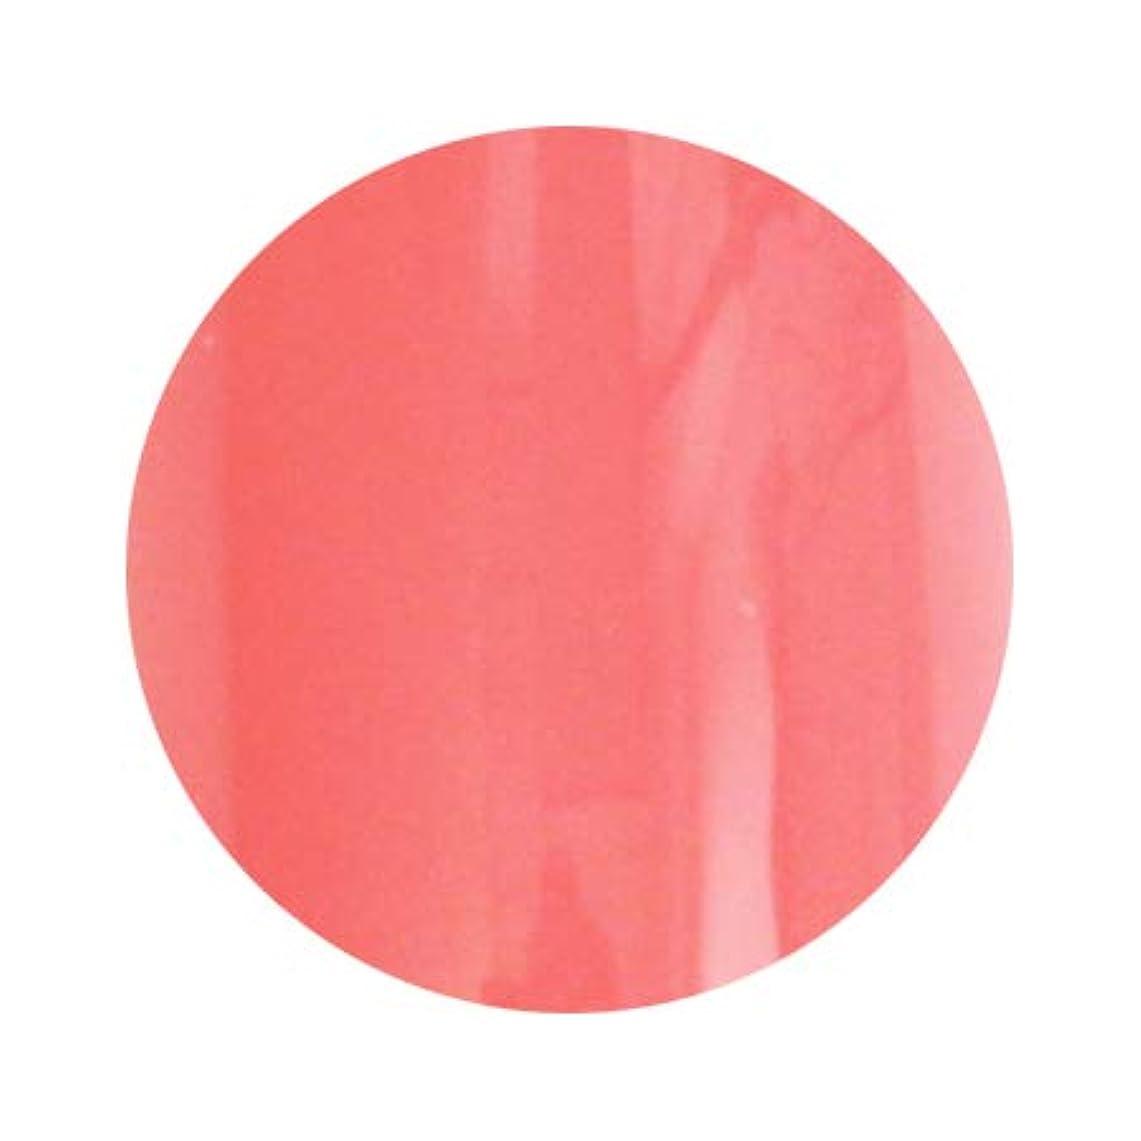 ここに提唱する面LUCU GEL ルクジェル カラー ORM05 コーラル 3.5g